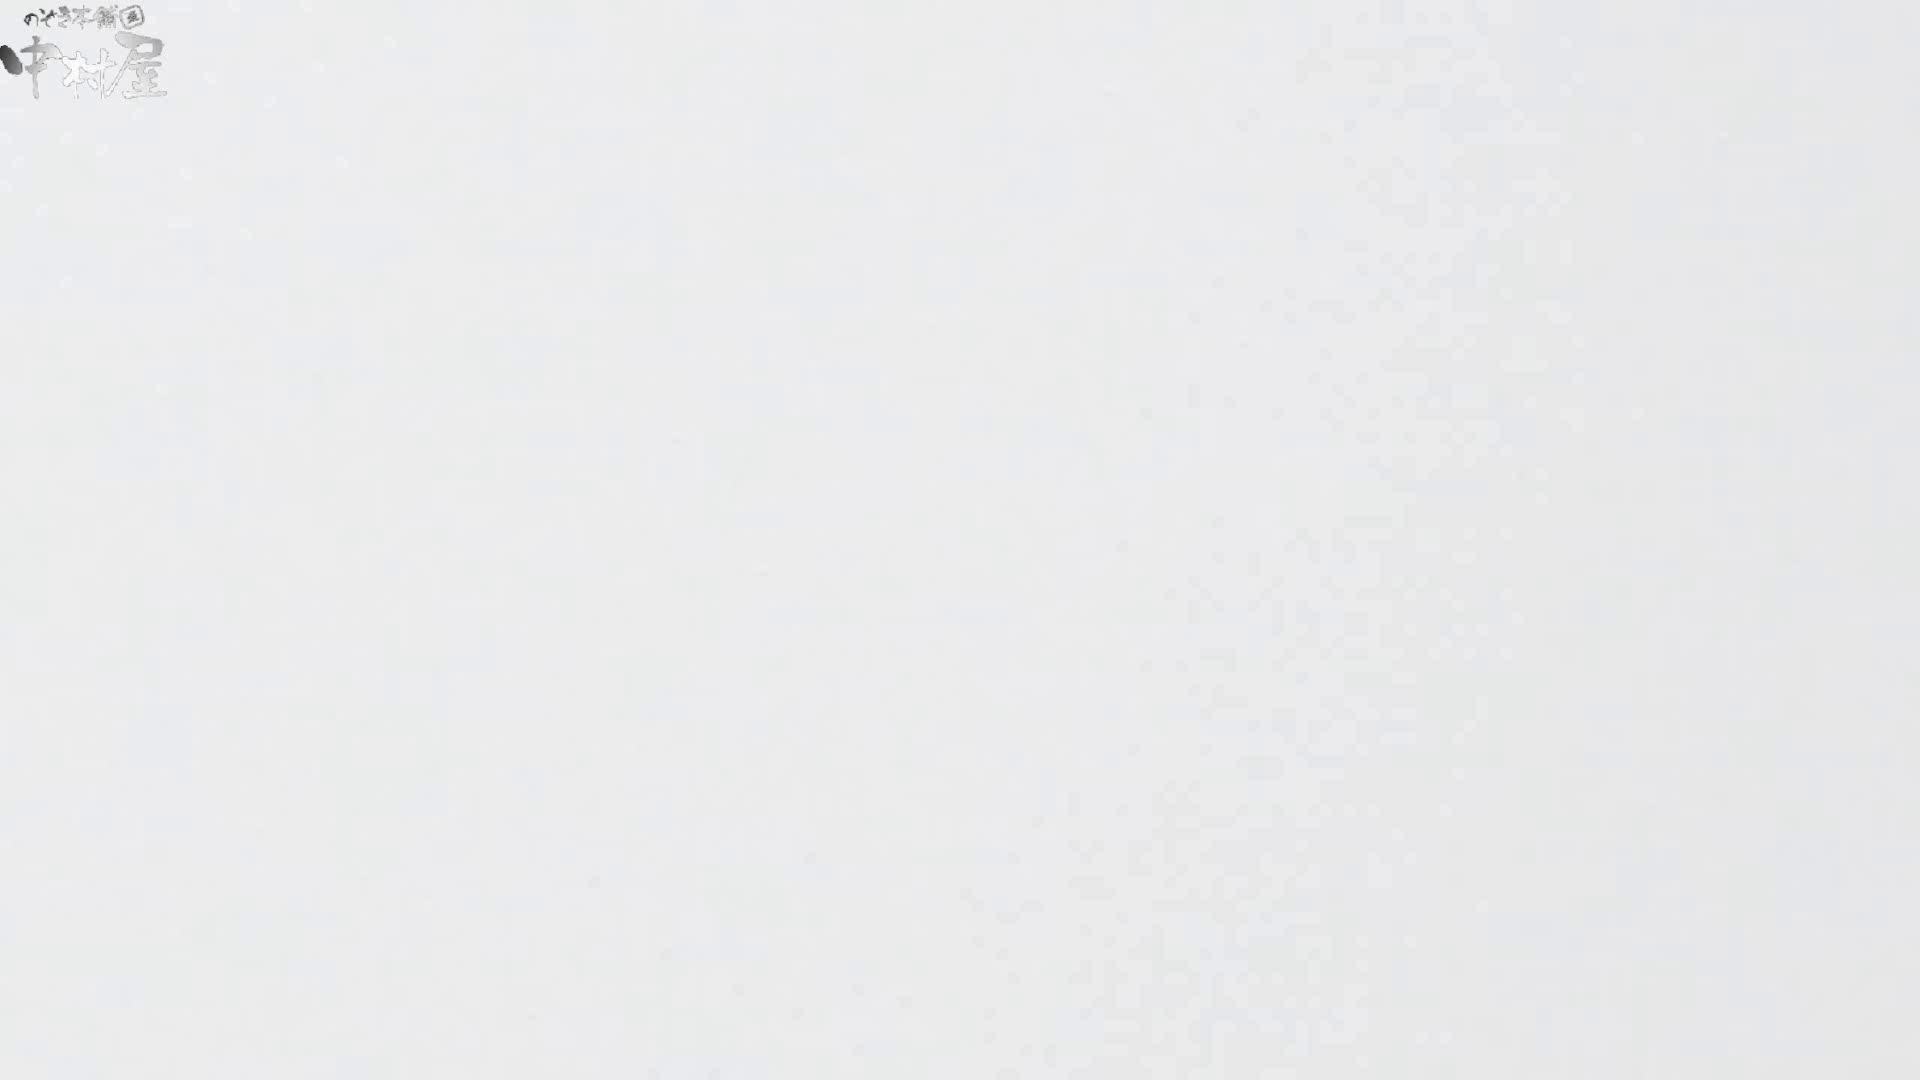 魂のかわや盗撮62連発! オシャレなブーツのお姉さん! 30発目! 盗撮シリーズ SEX無修正画像 89PIX 8